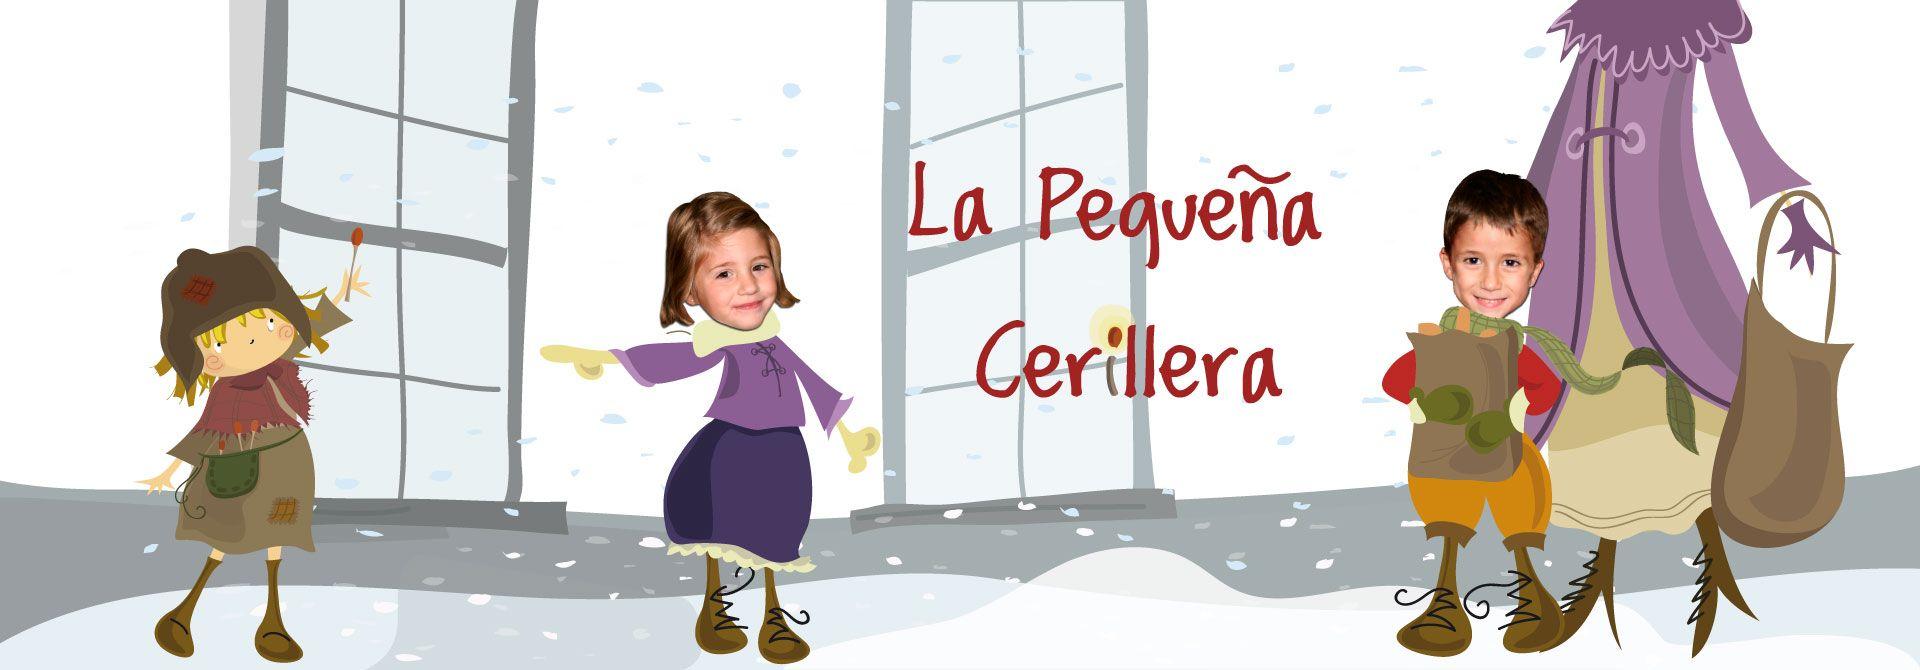 Cuentos infantiles personalizados - Una historia de Navidad - Encabezado del producto